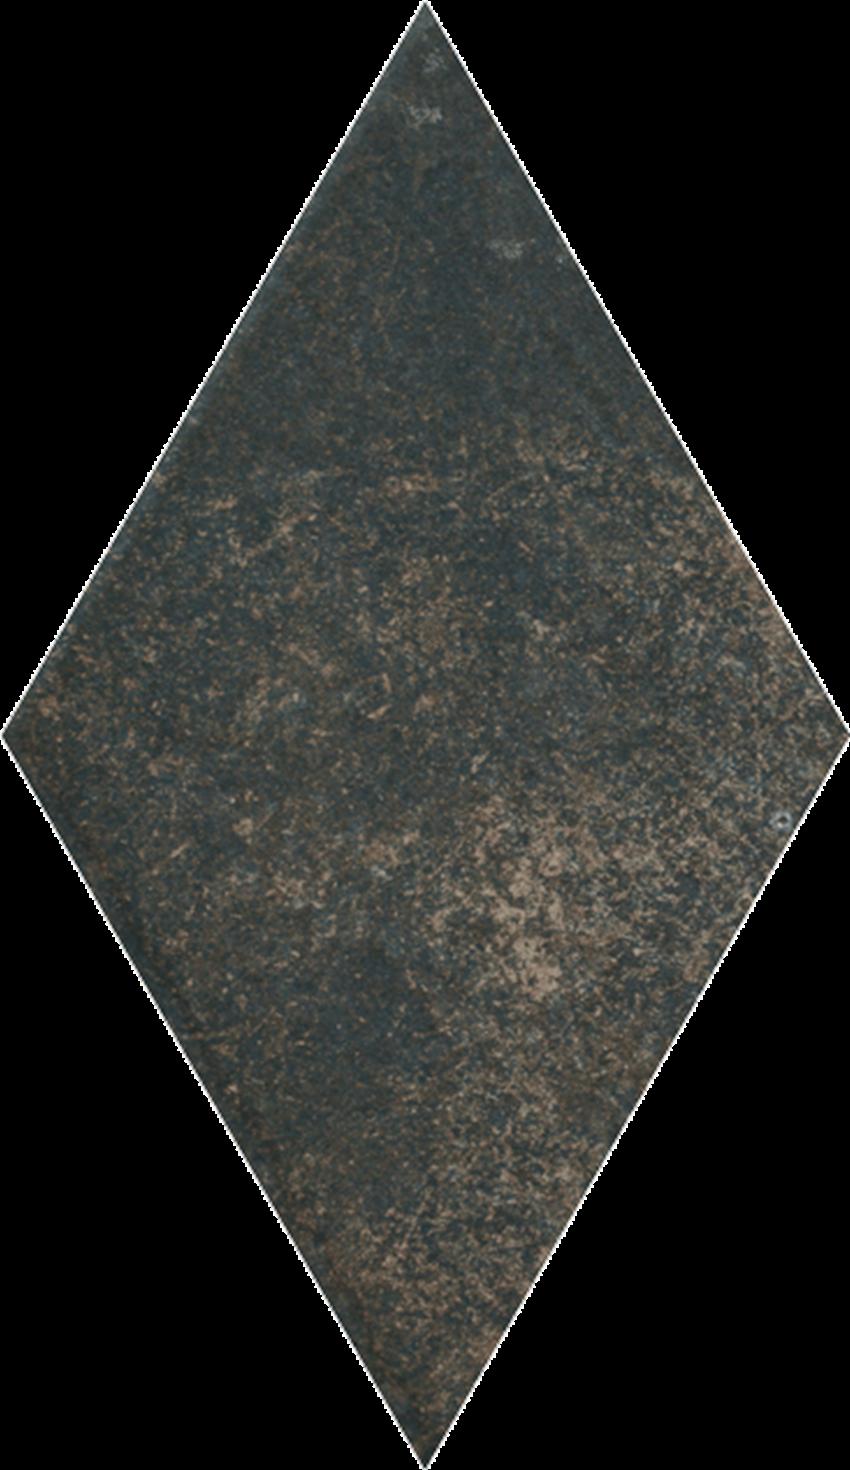 Dekoracja podłogowa 14,6x25,2 cm Paradyż Scandiano Brown Romb